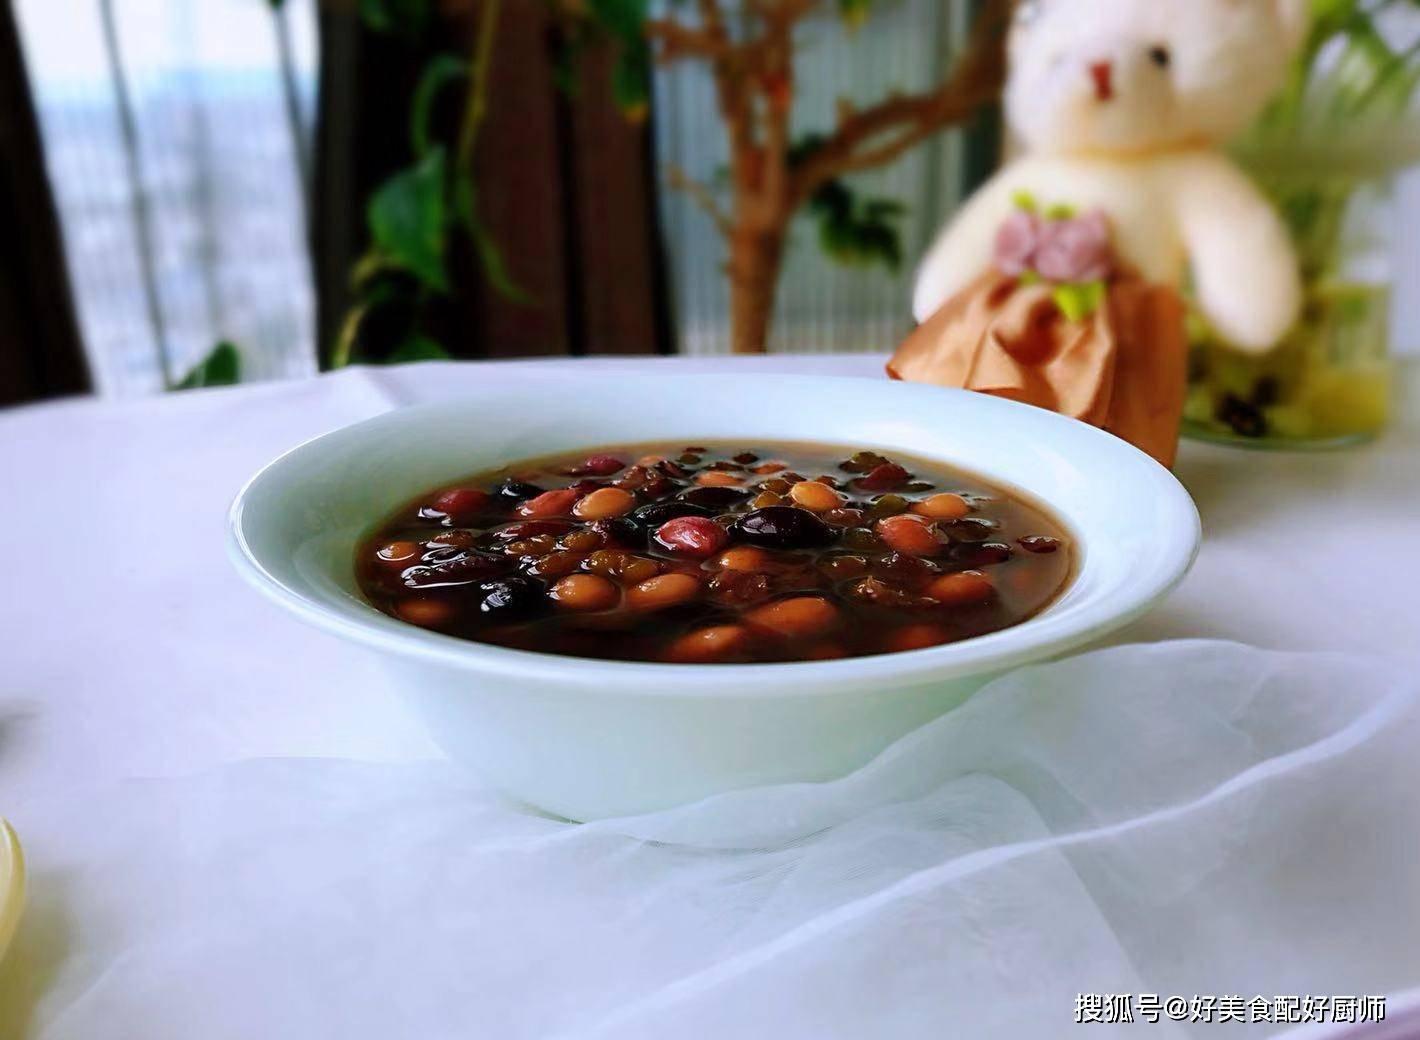 中秋節後,早餐別在外面吃了,這一碗勝過山珍海味,不上火還美味